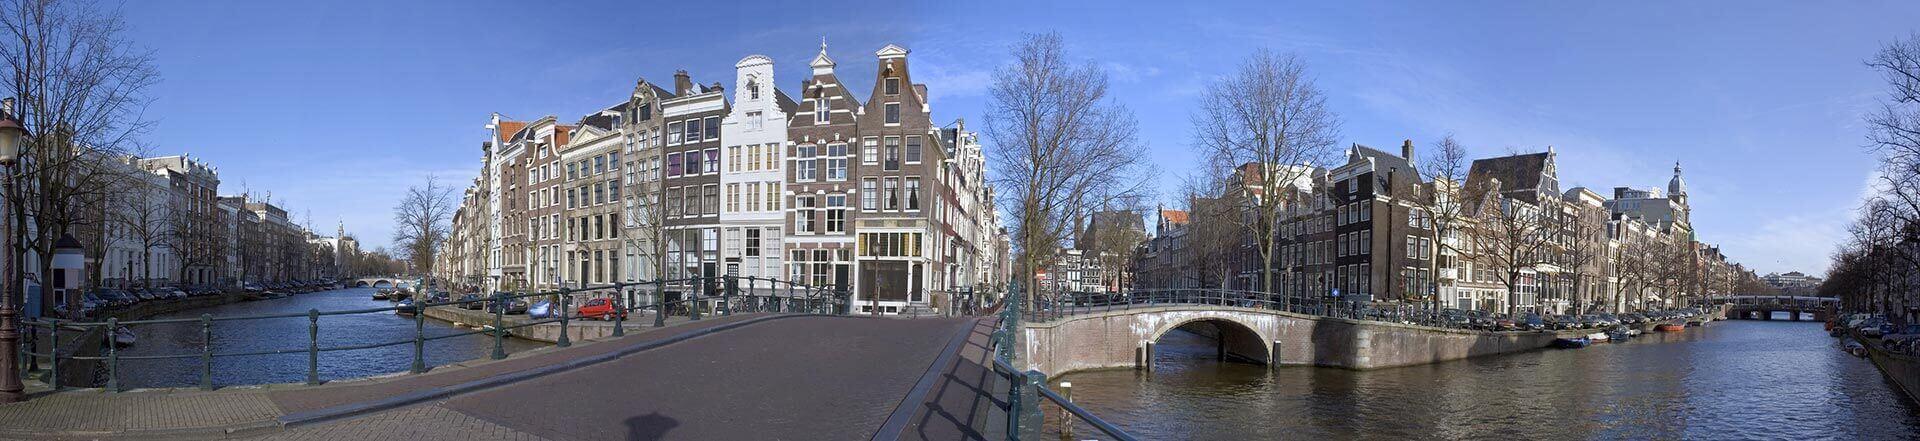 Juridisch advies vaststellingsovereenkomst-amsterdam